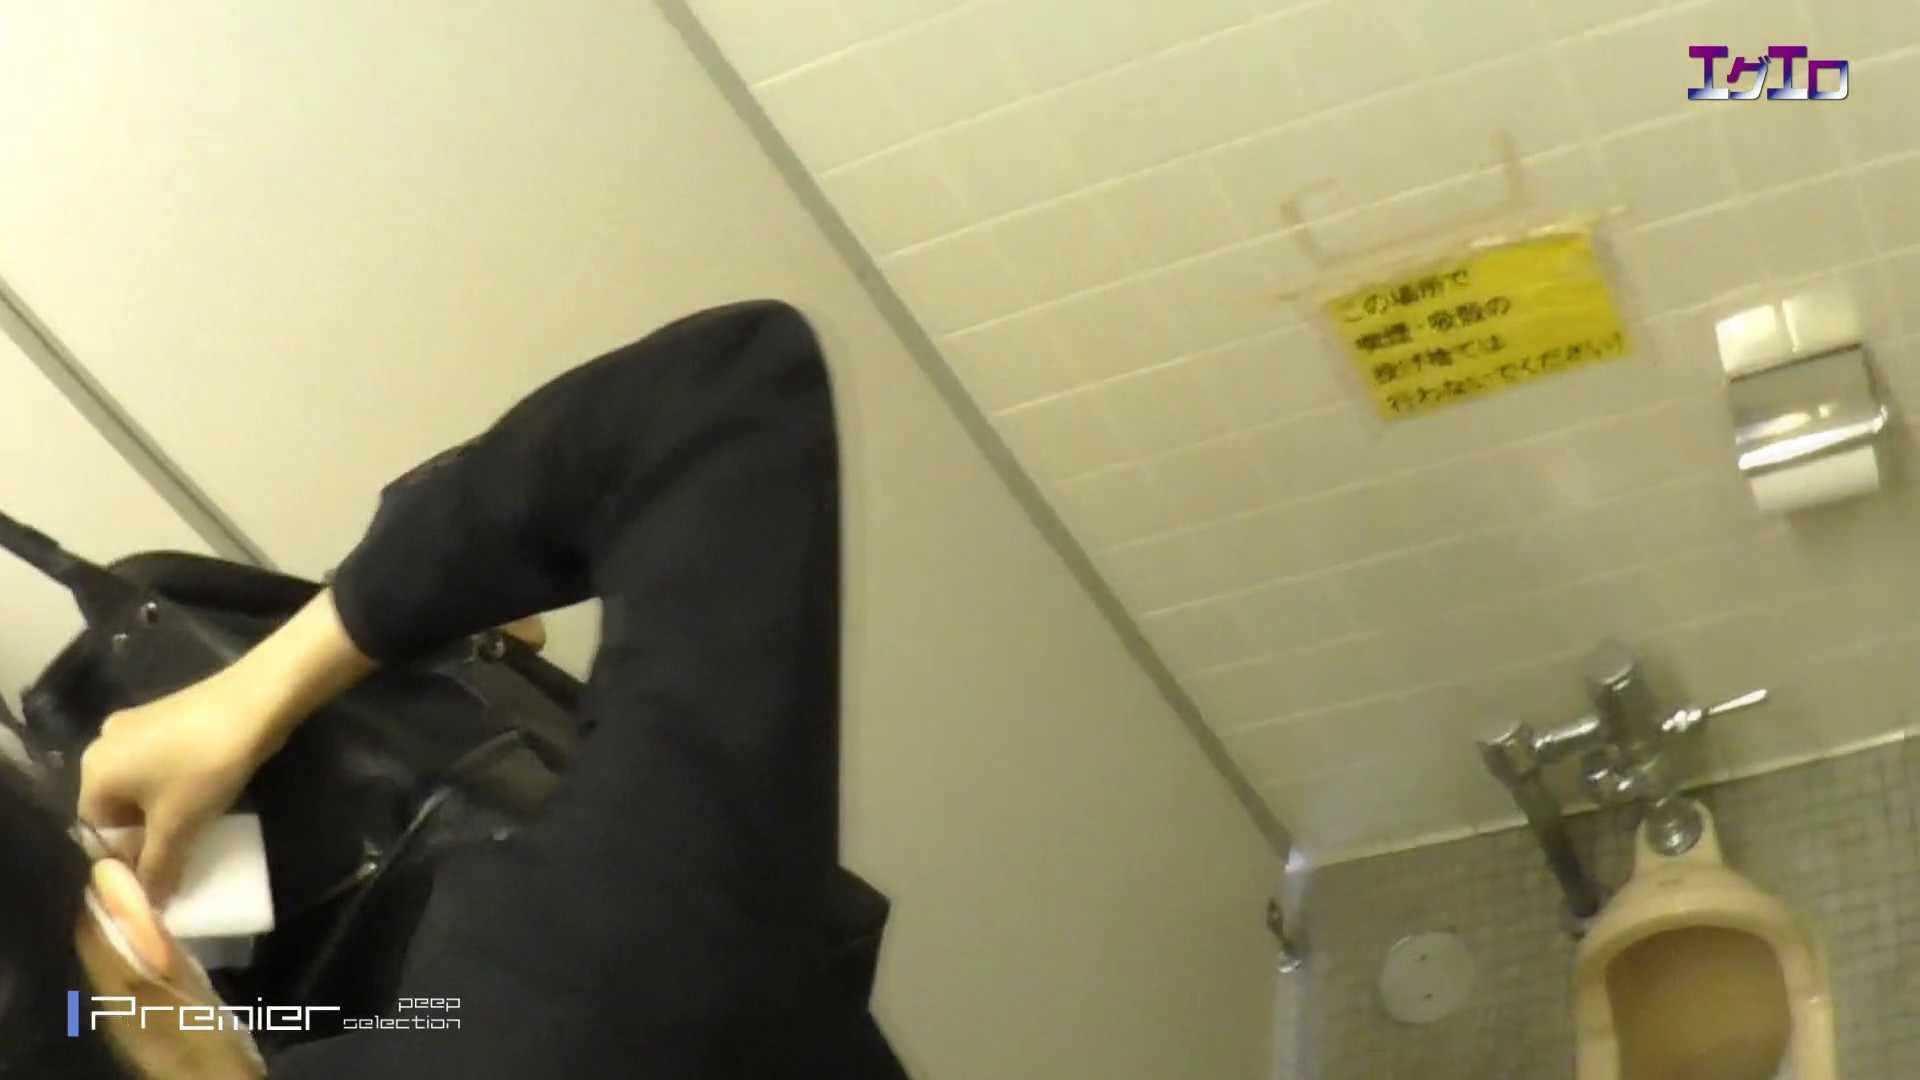 執念の撮影&追撮!!某女子校の通学路にあるトイレ 至近距離洗面所 Vol.16 美肌  84PIX 59